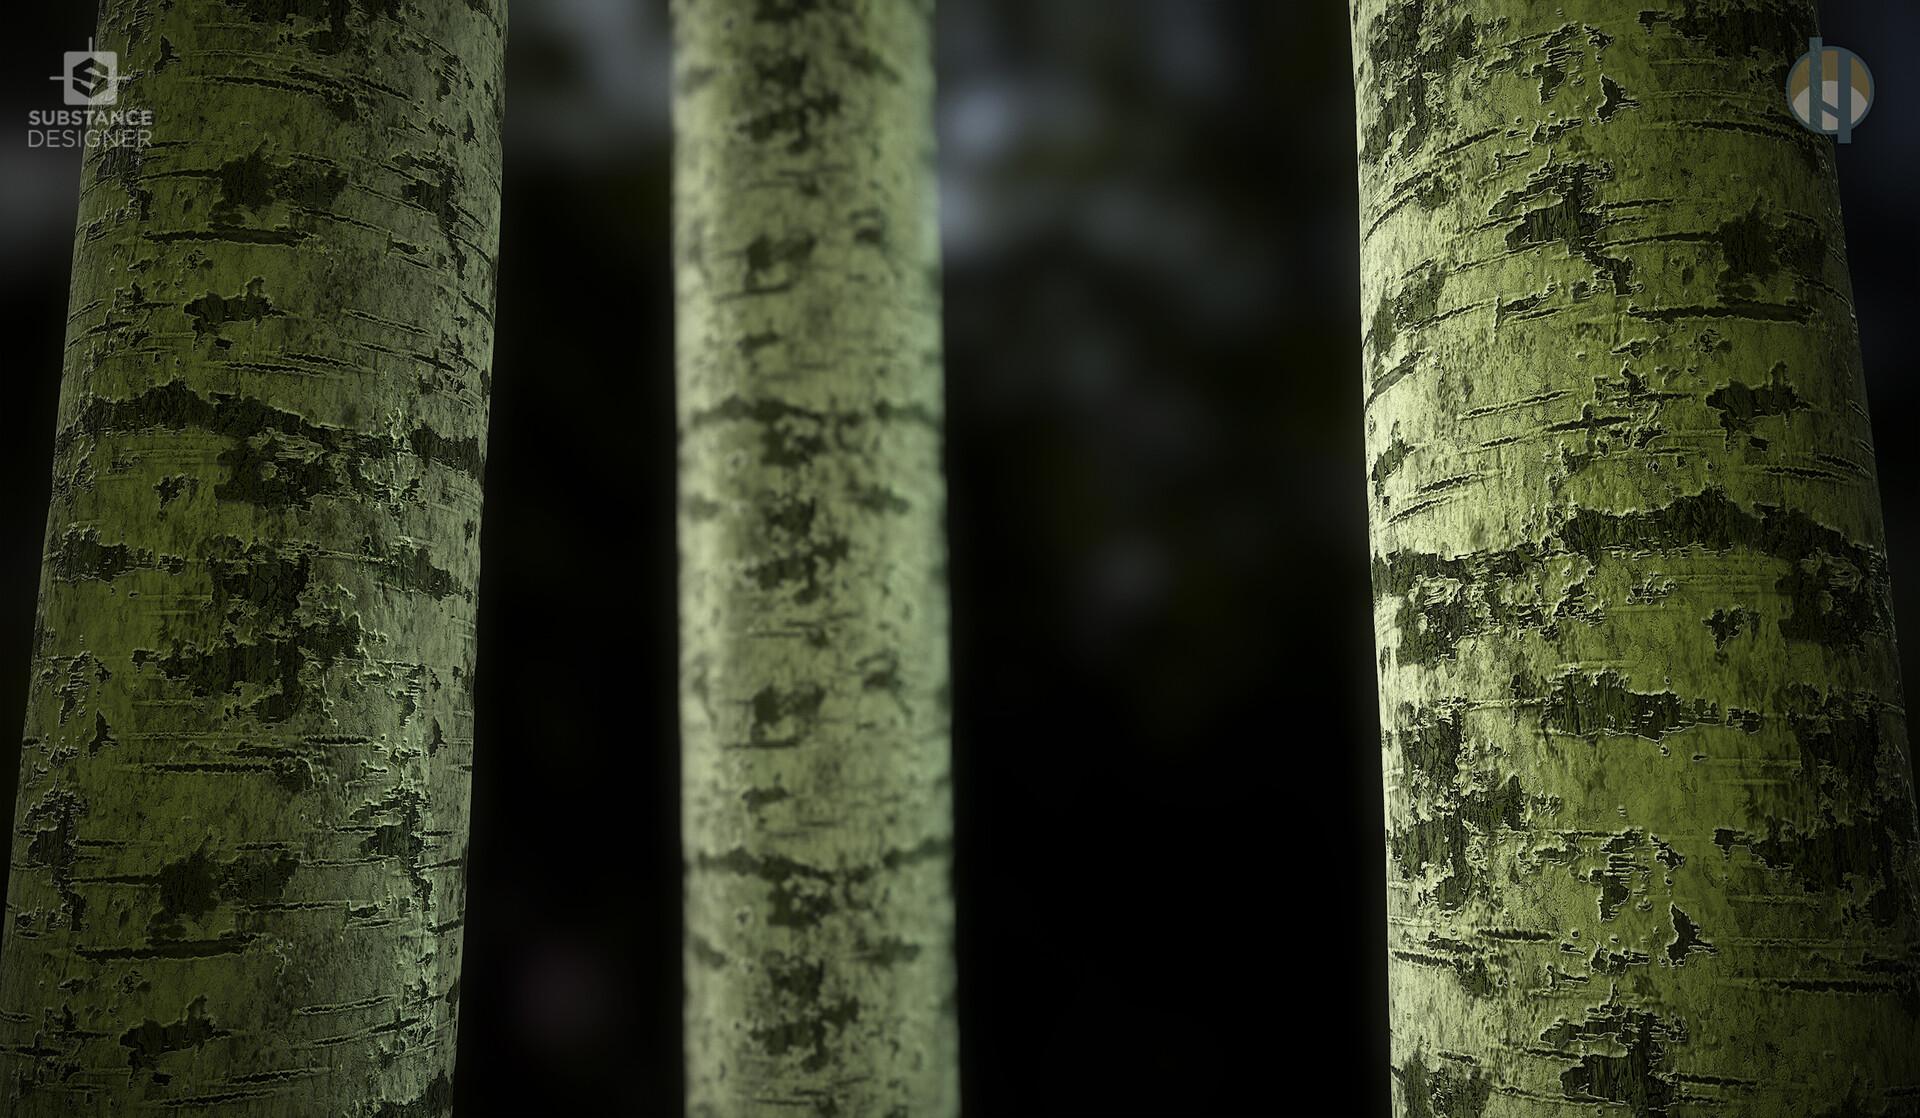 Justin hrala h3d bark birch scene